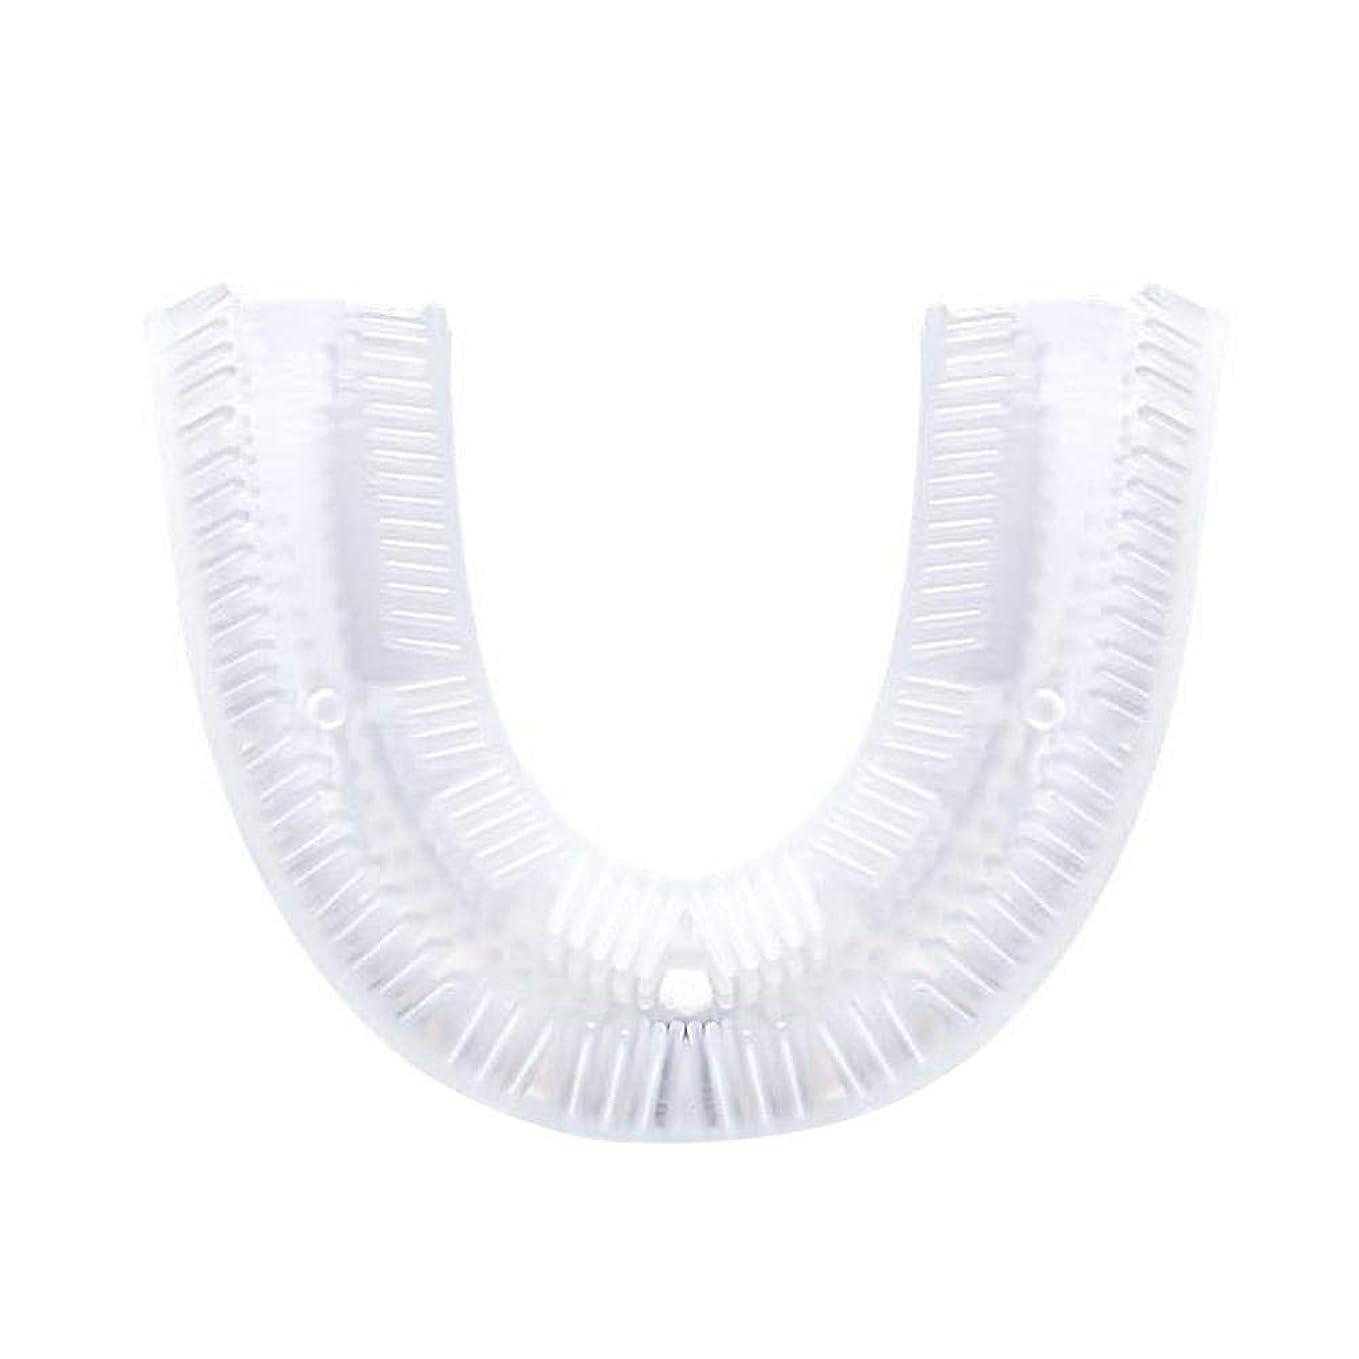 覗くボリューム代数的360°音波歯ブラシヘッド U字型シリコン歯ブラシヘッド 電動 自動 U型 超音波 怠け者 怠惰 成人 バブル 人間口腔工学 10秒歯磨き 新鮮な息吹き 歯垢除去 歯茎まで 無線充電 U字型のマウスピース 抗菌シリコン製歯ブラシヘッド